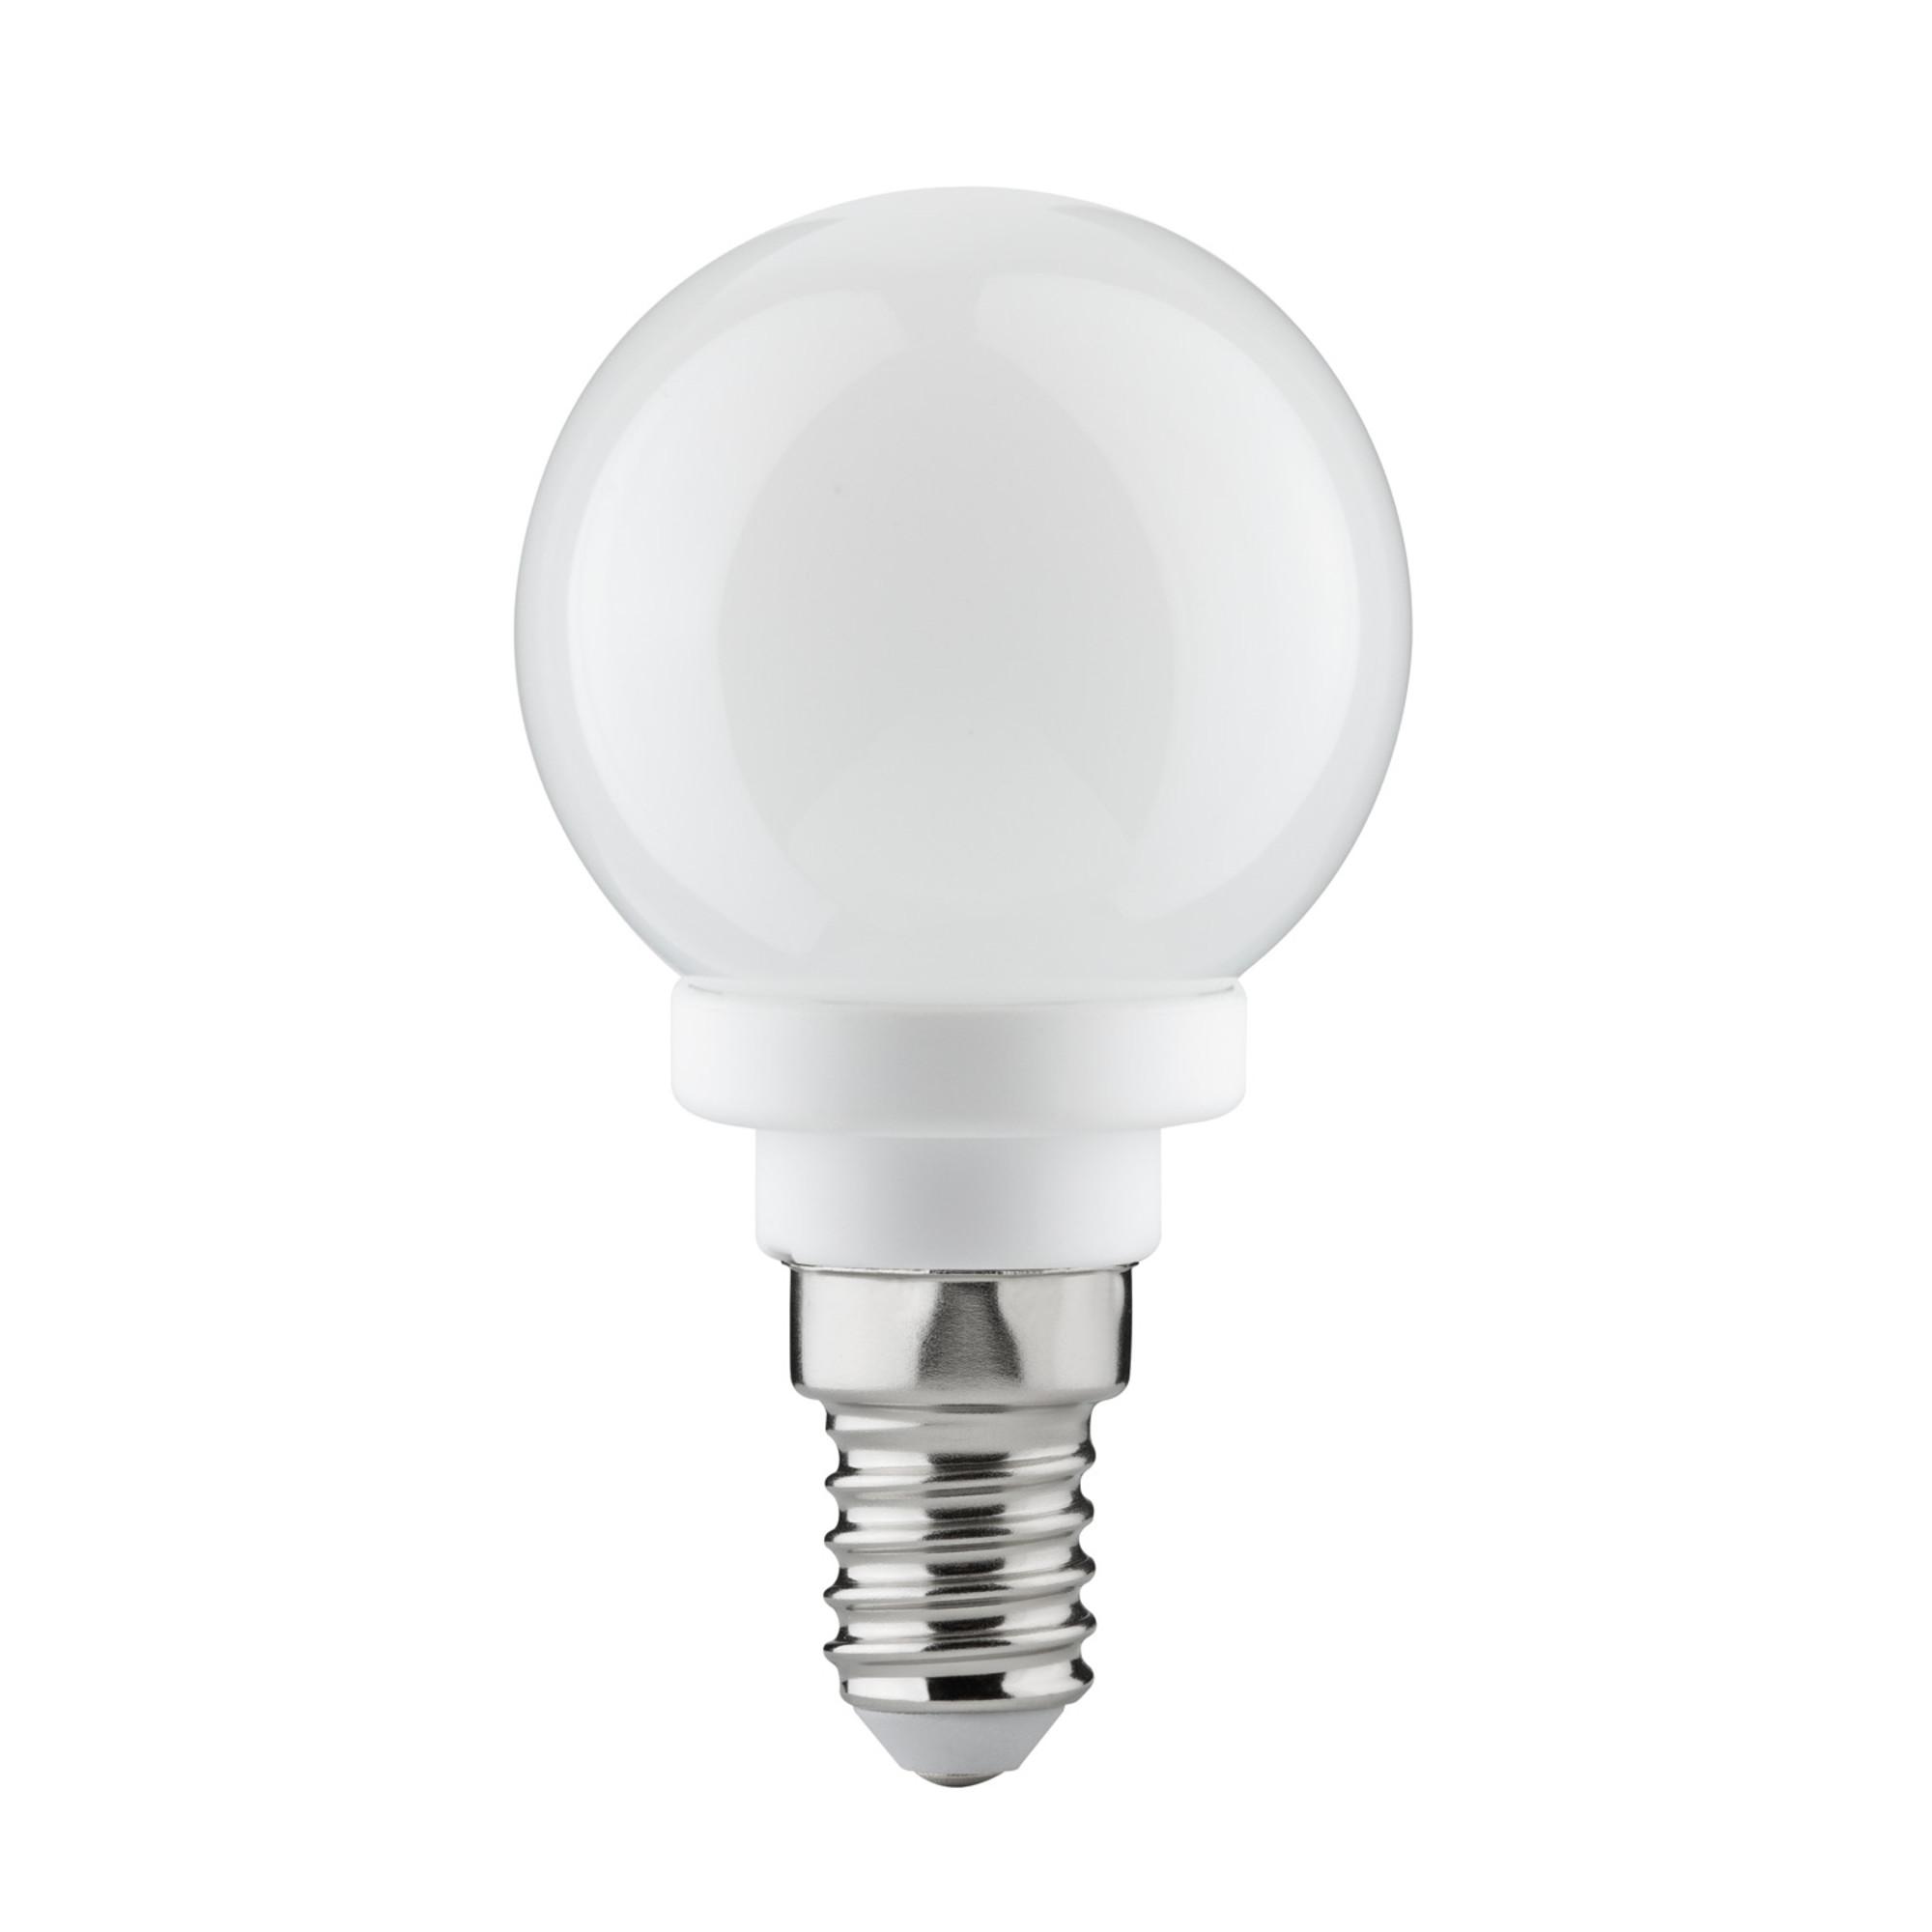 Лампа Paulmann 28311 E14 370 Лм теплый свет